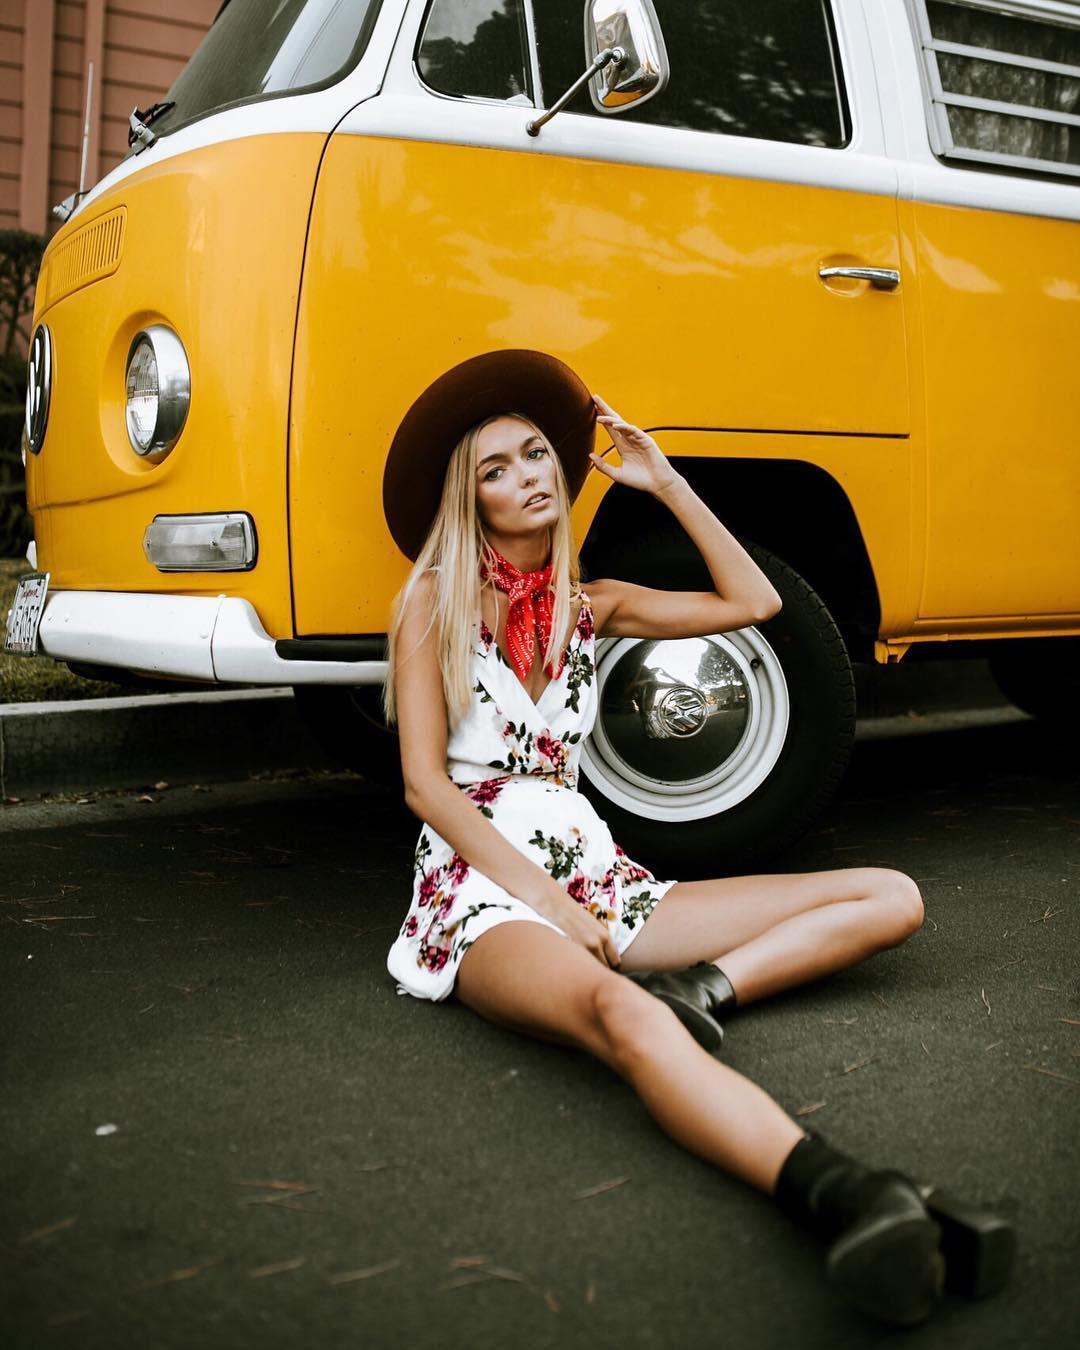 Яркие и модные снимки девушек от Рекса Ю